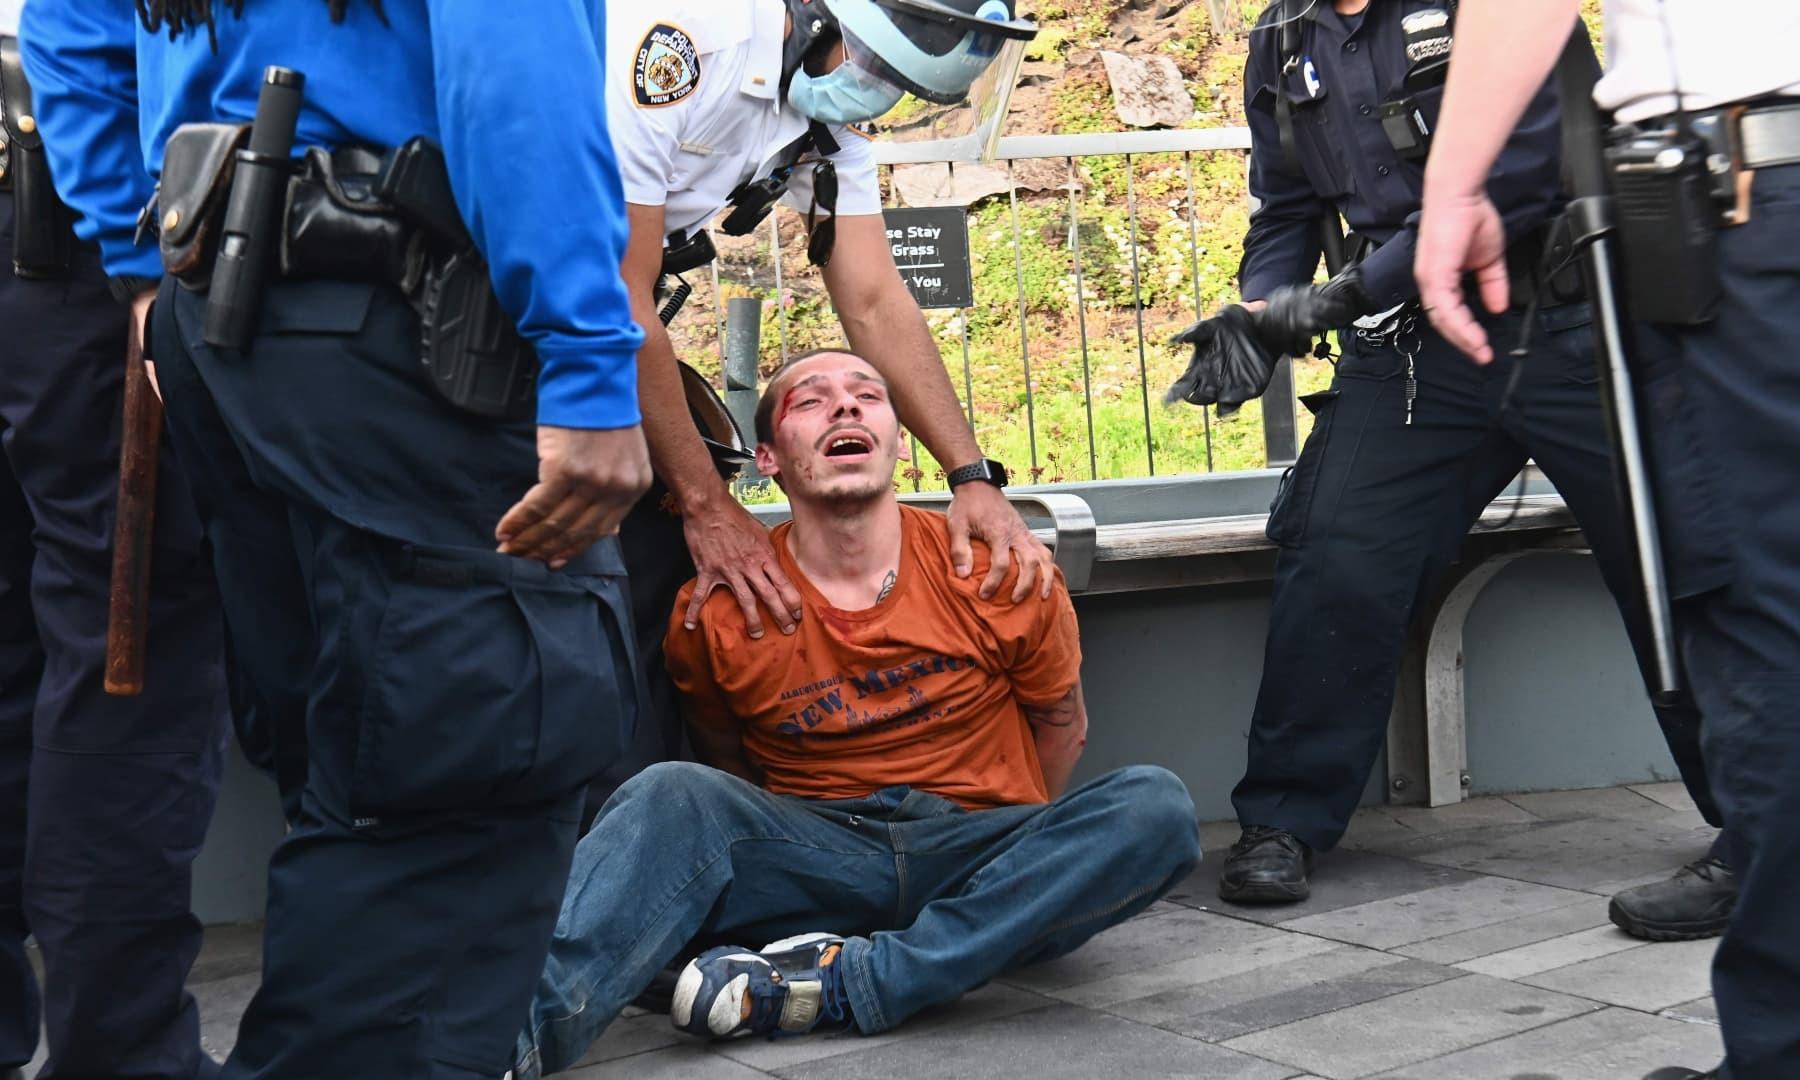 سیاہ فارم برادری کے حق میں کیے جانے والے مظاہروں میں زخمی ہونے والے ایک شخص کو پولیس گرفتار کر رہی ہے— فوٹو: اے ایف پی